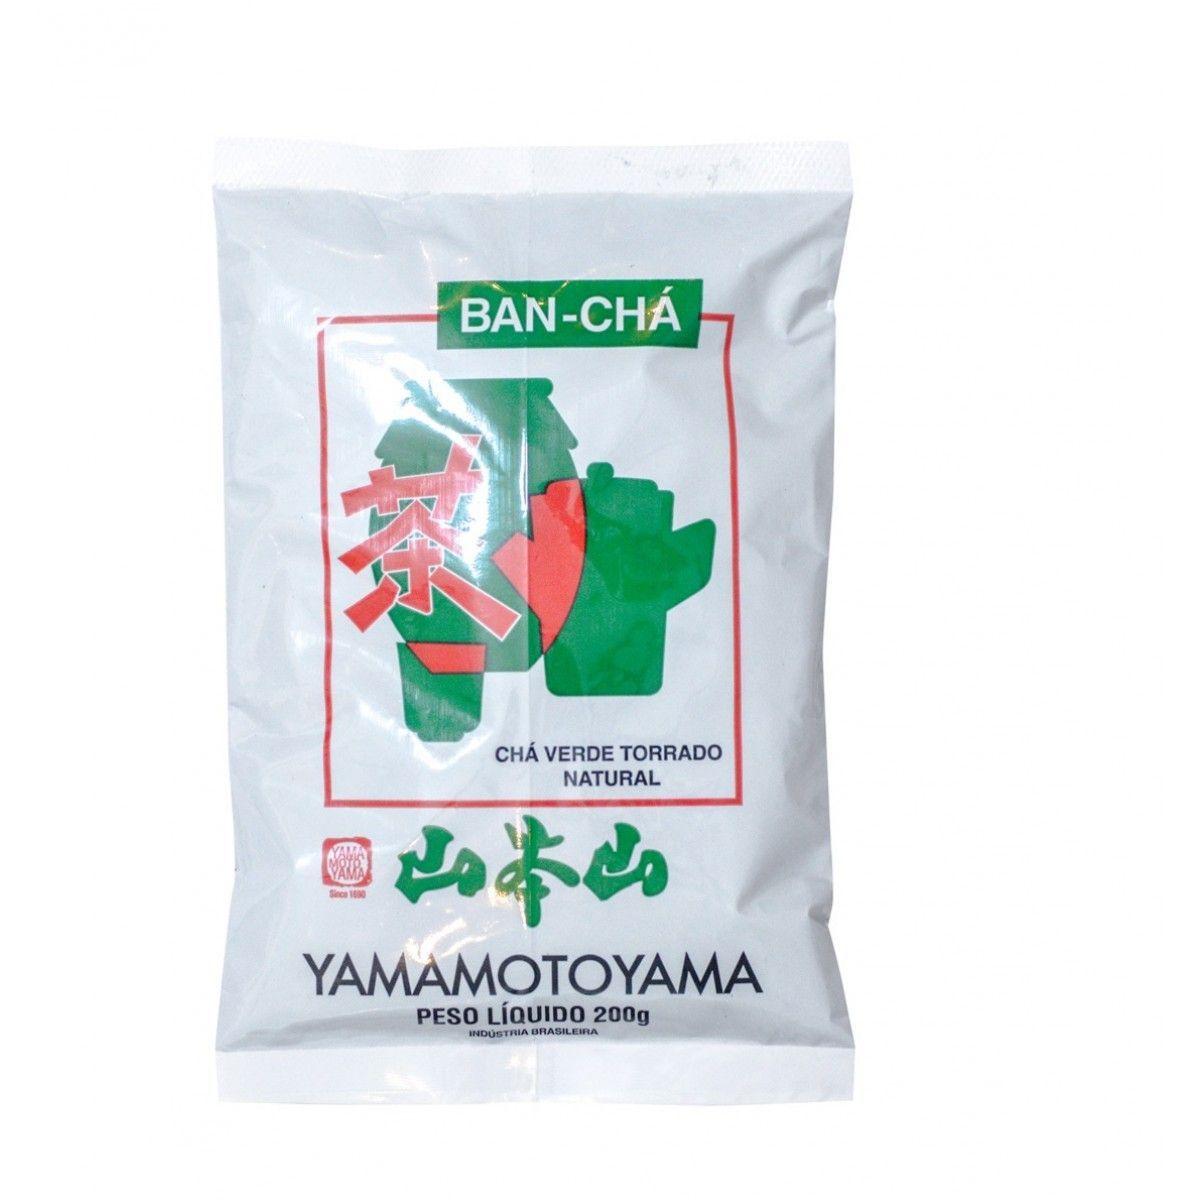 Chá Verde Torrado Natural Ban-Cha - Yamamotoyama 200g